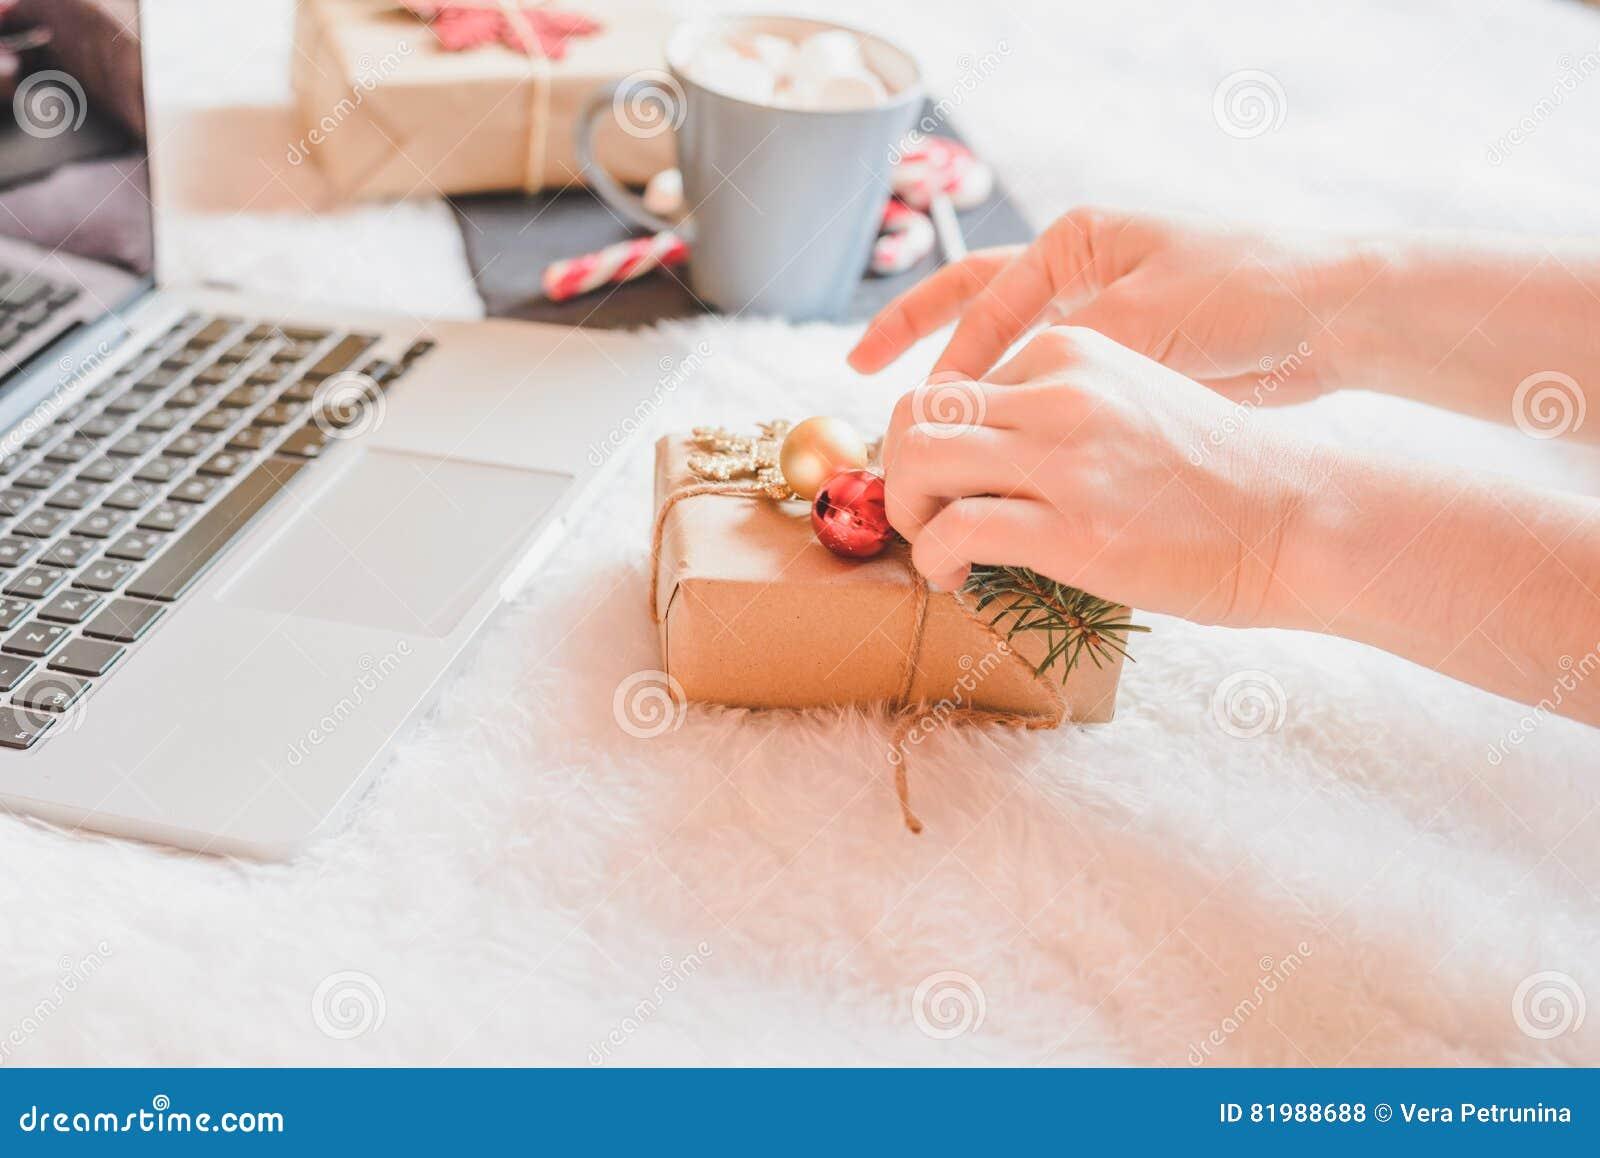 Kobieta pije kawę w jej łóżku w domu